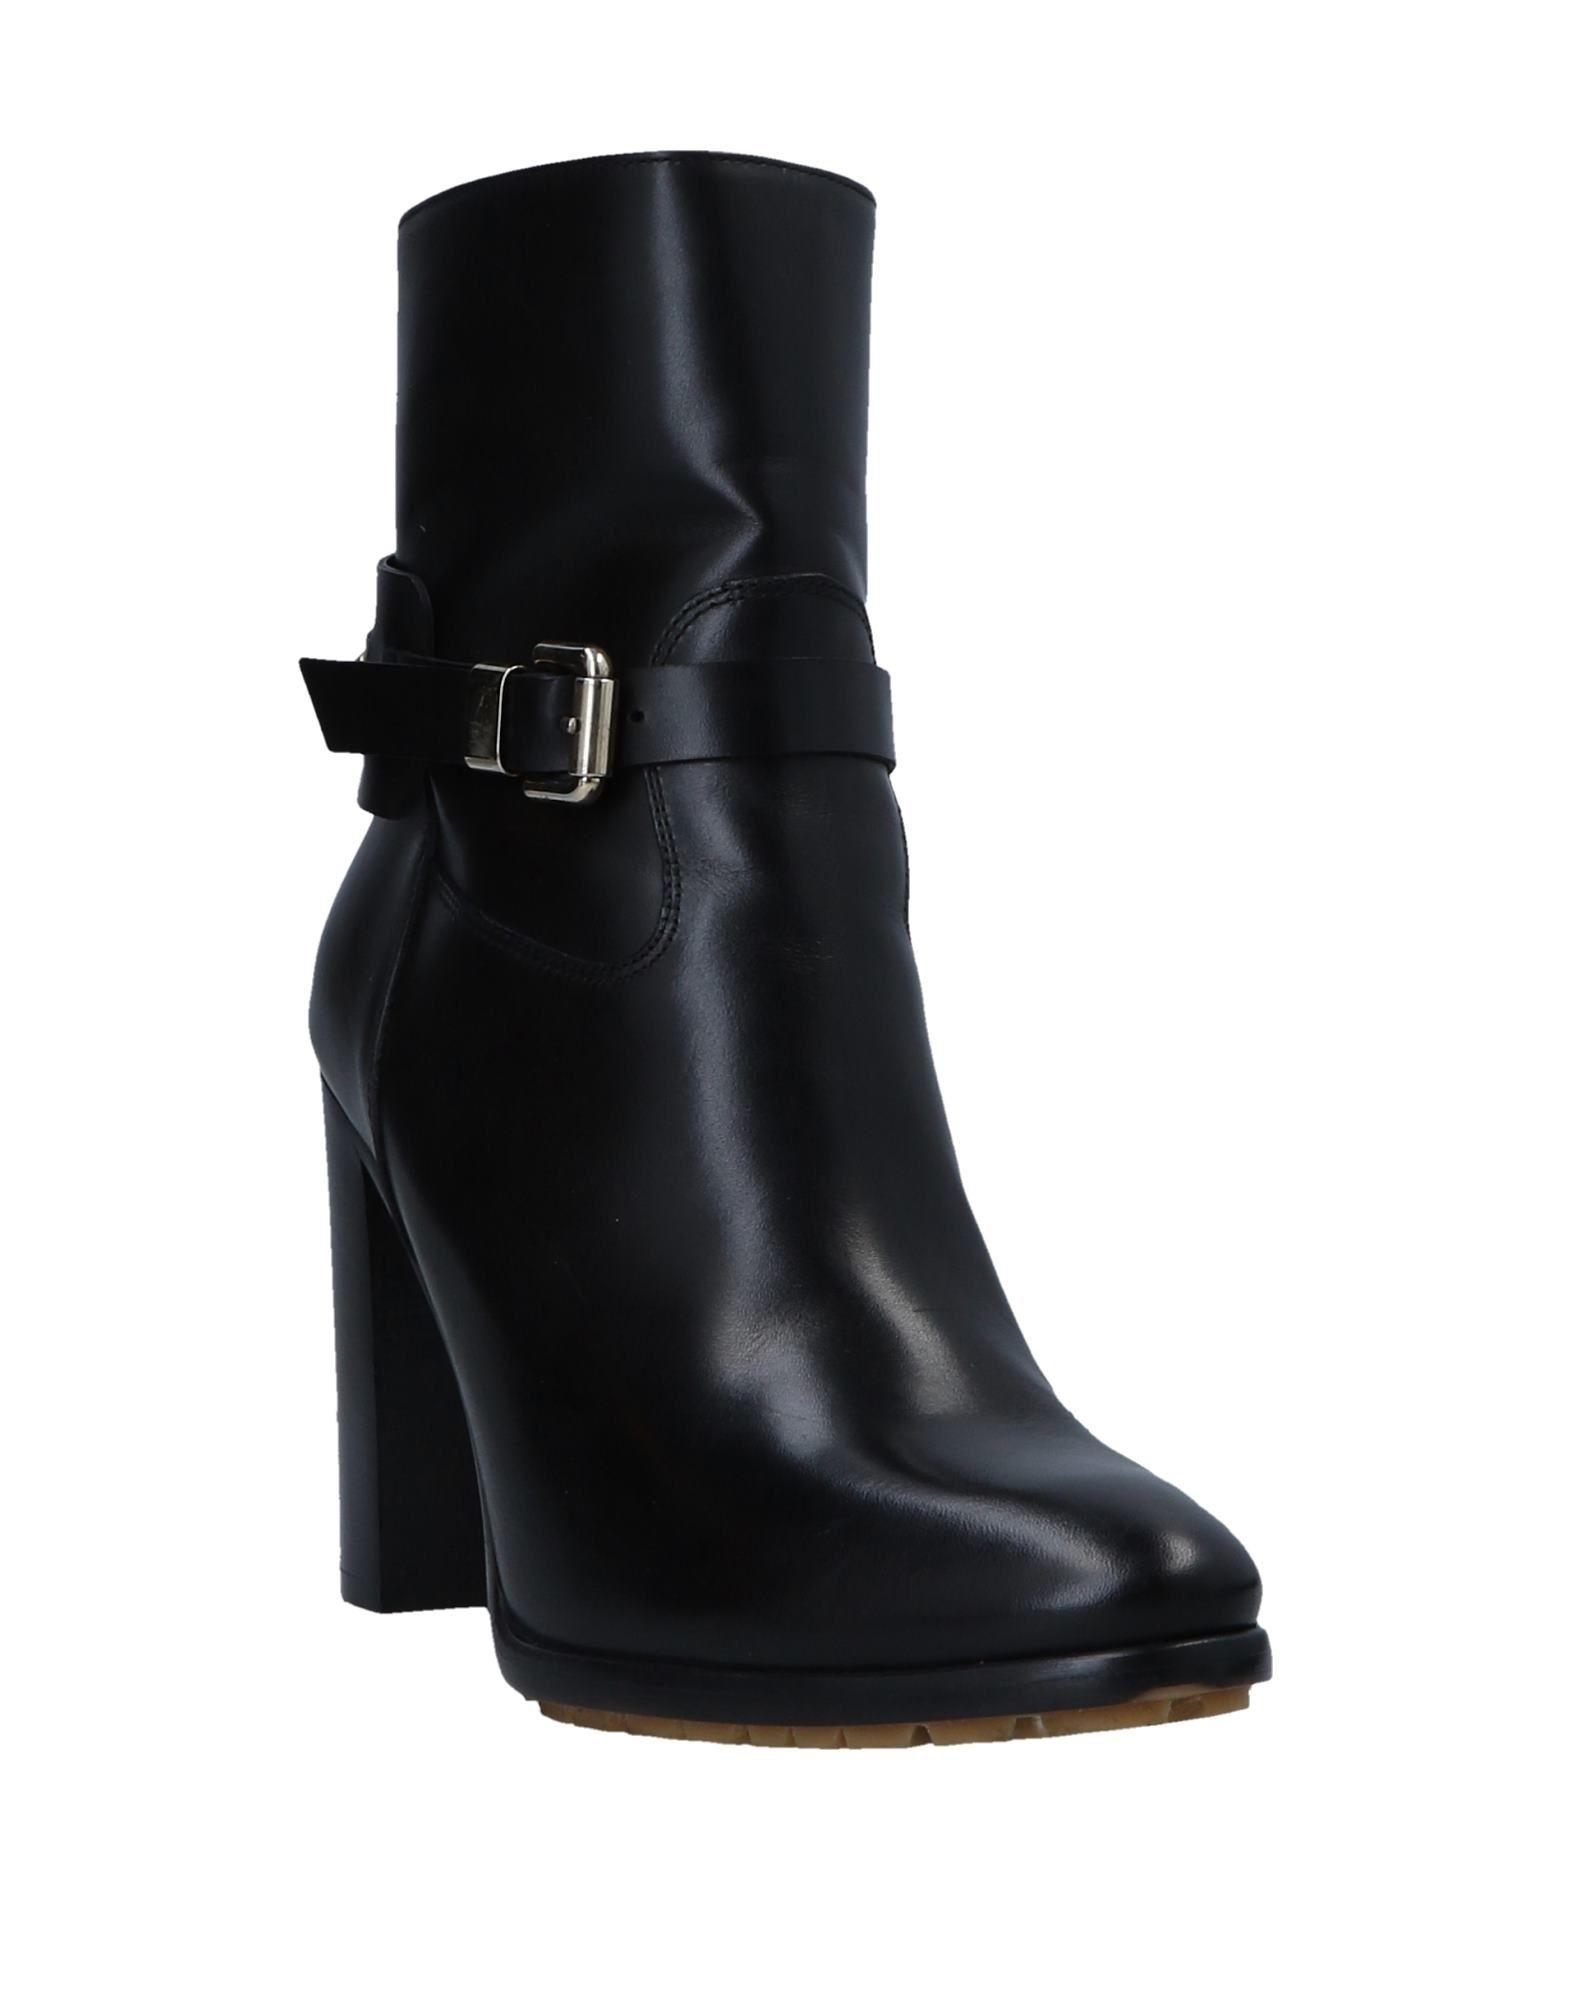 Stilvolle billige Schuhe Damen Guglielmo Rotta Stiefelette Damen Schuhe  11545795CU 9a67a1